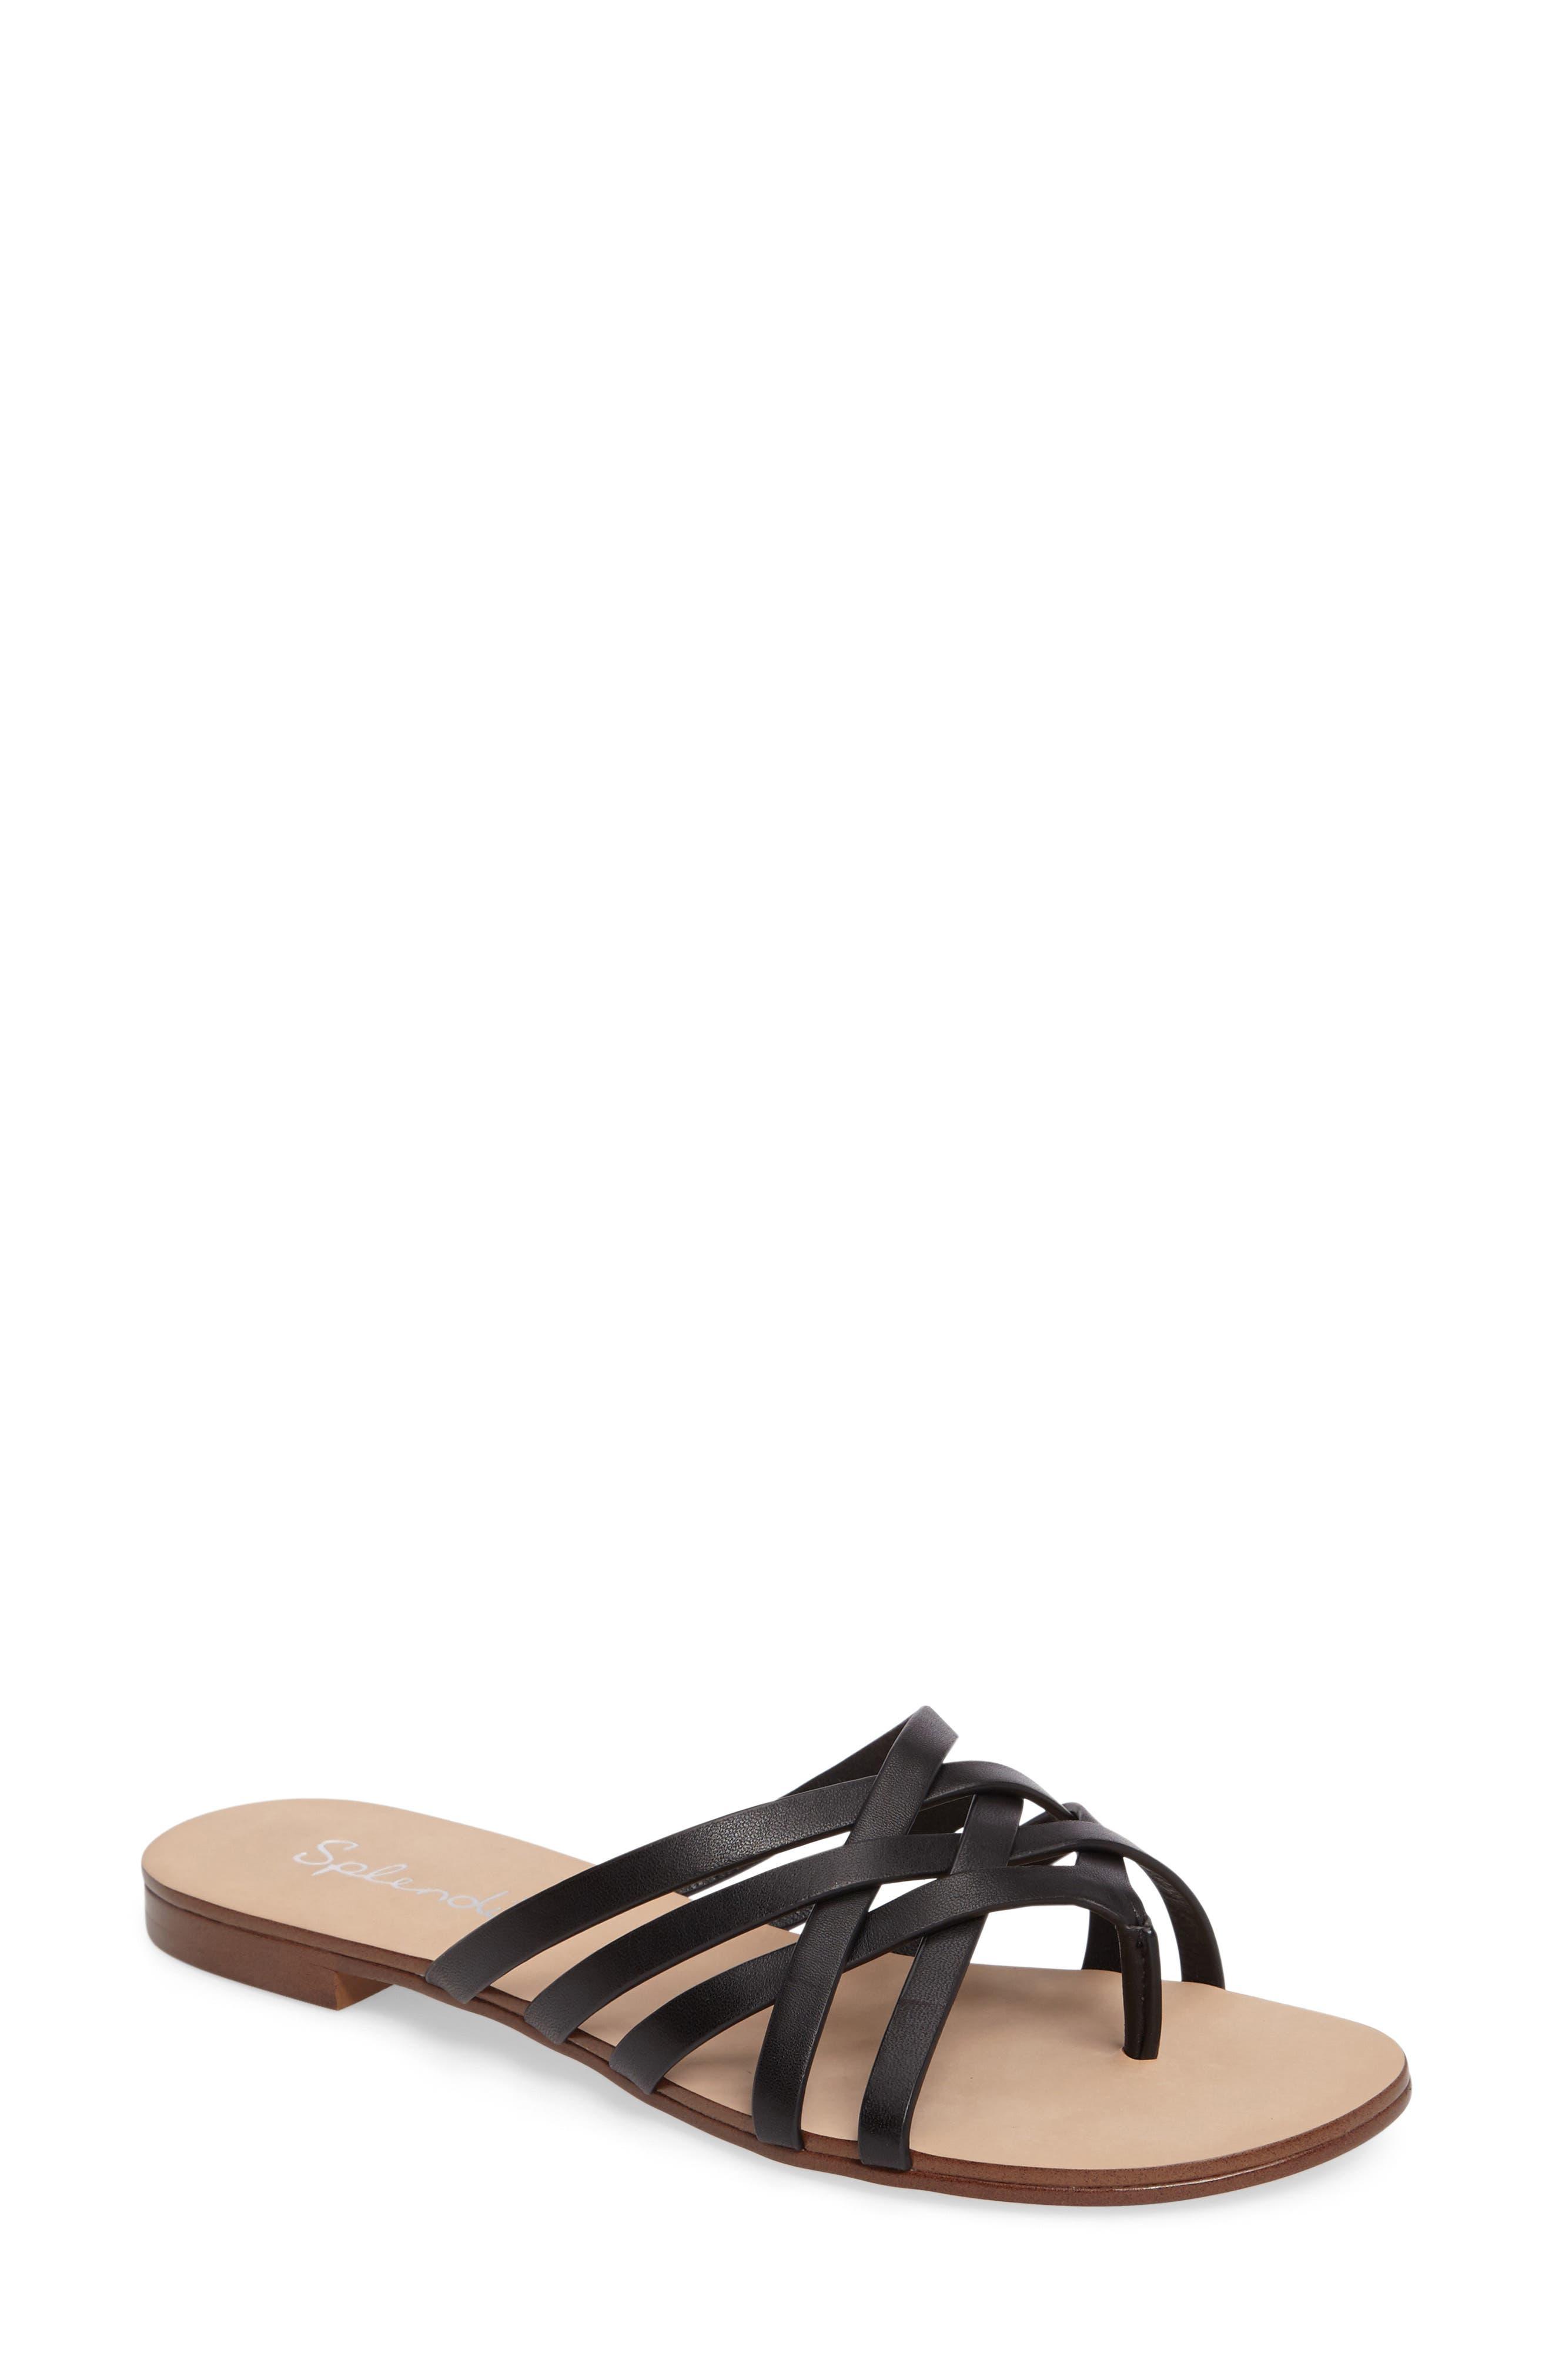 Jojo Slide Sandal,                             Main thumbnail 1, color,                             Black Leather